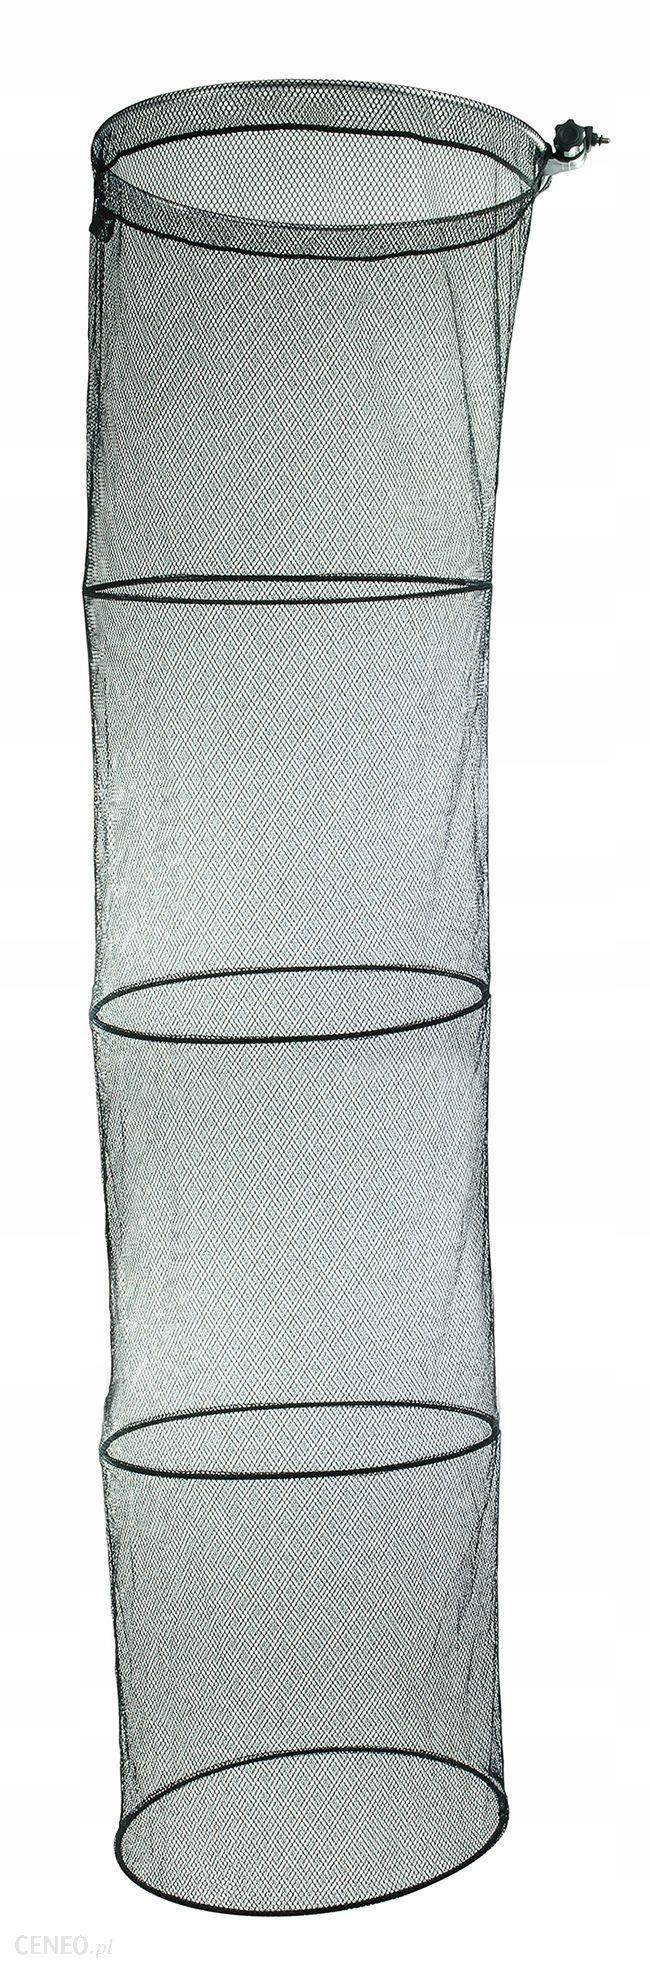 Mikado Siatka wyczynowa z uchwytem 55/50cm x 350cm